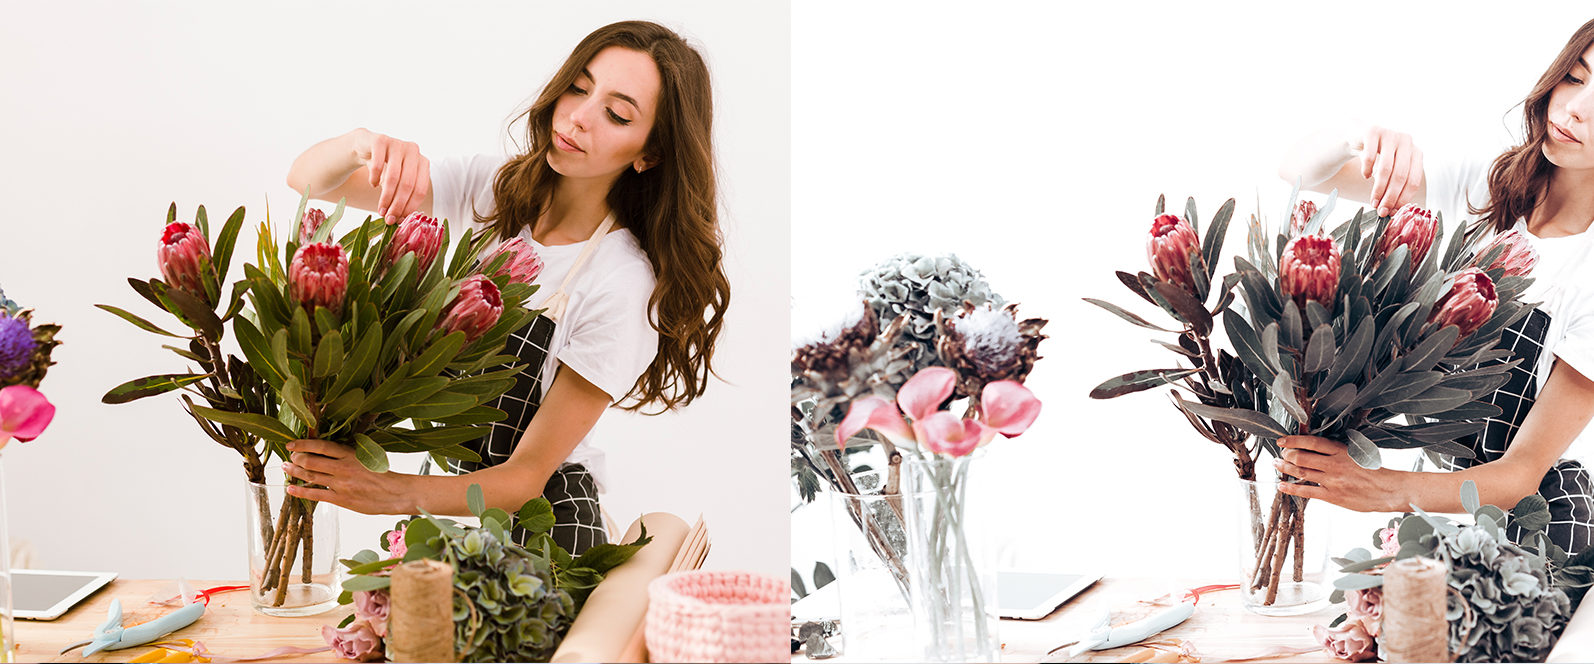 65 x Lightroom Presets (Mobile and Desktop Bundle) inspired by Spring - 9 Floristry -